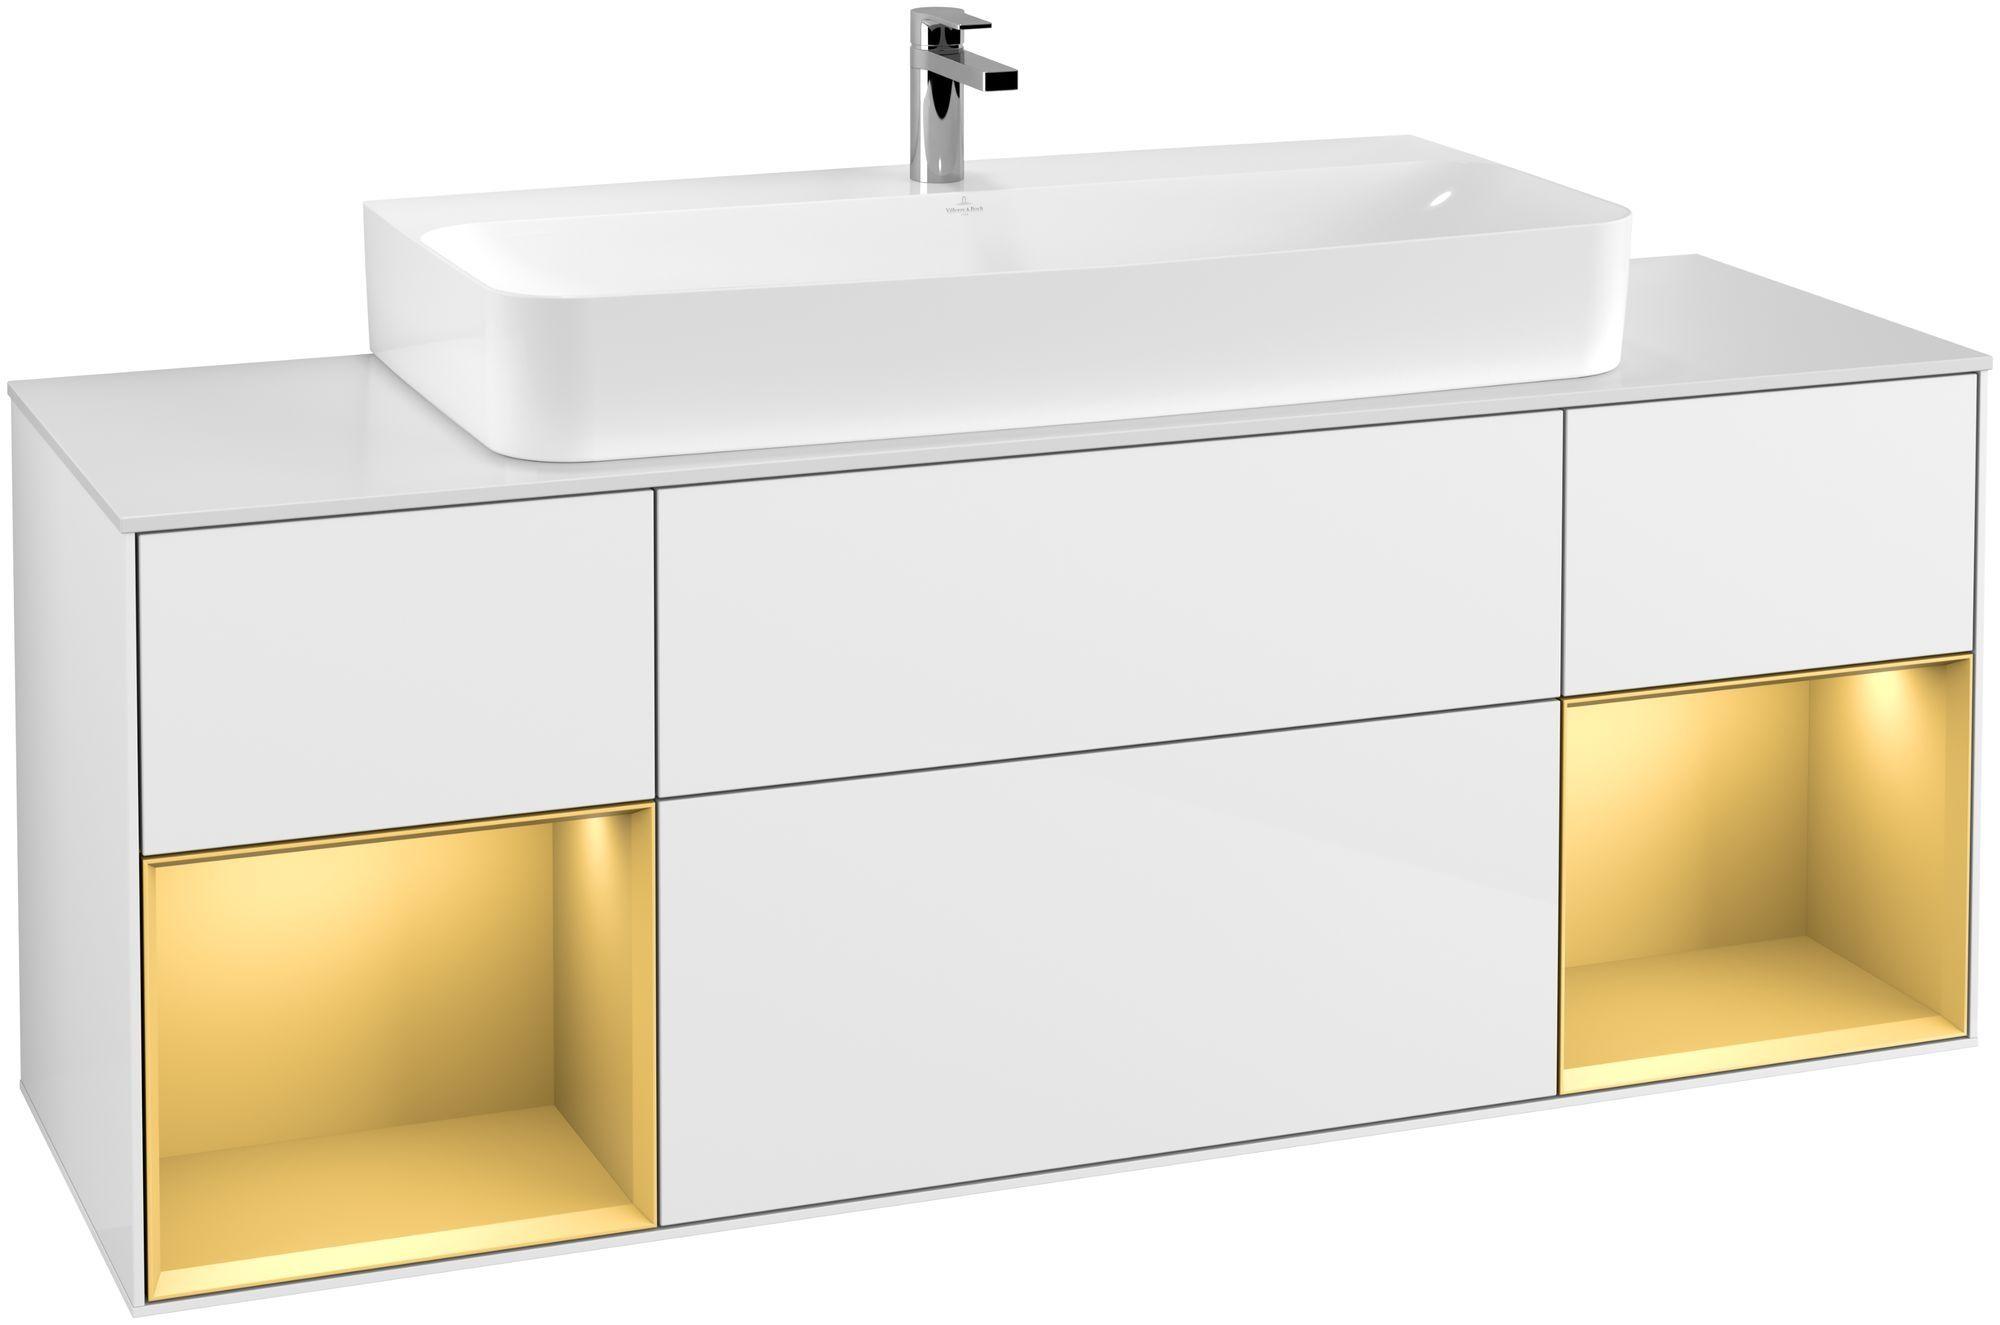 Villeroy & Boch Finion F21 Waschtischunterschrank mit Regalelement 4 Auszüge Waschtisch mittig LED-Beleuchtung B:160xH:60,3xT:50,1cm Front, Korpus: Glossy White Lack, Regal: Gold Matt, Glasplatte: White Matt F211HFGF